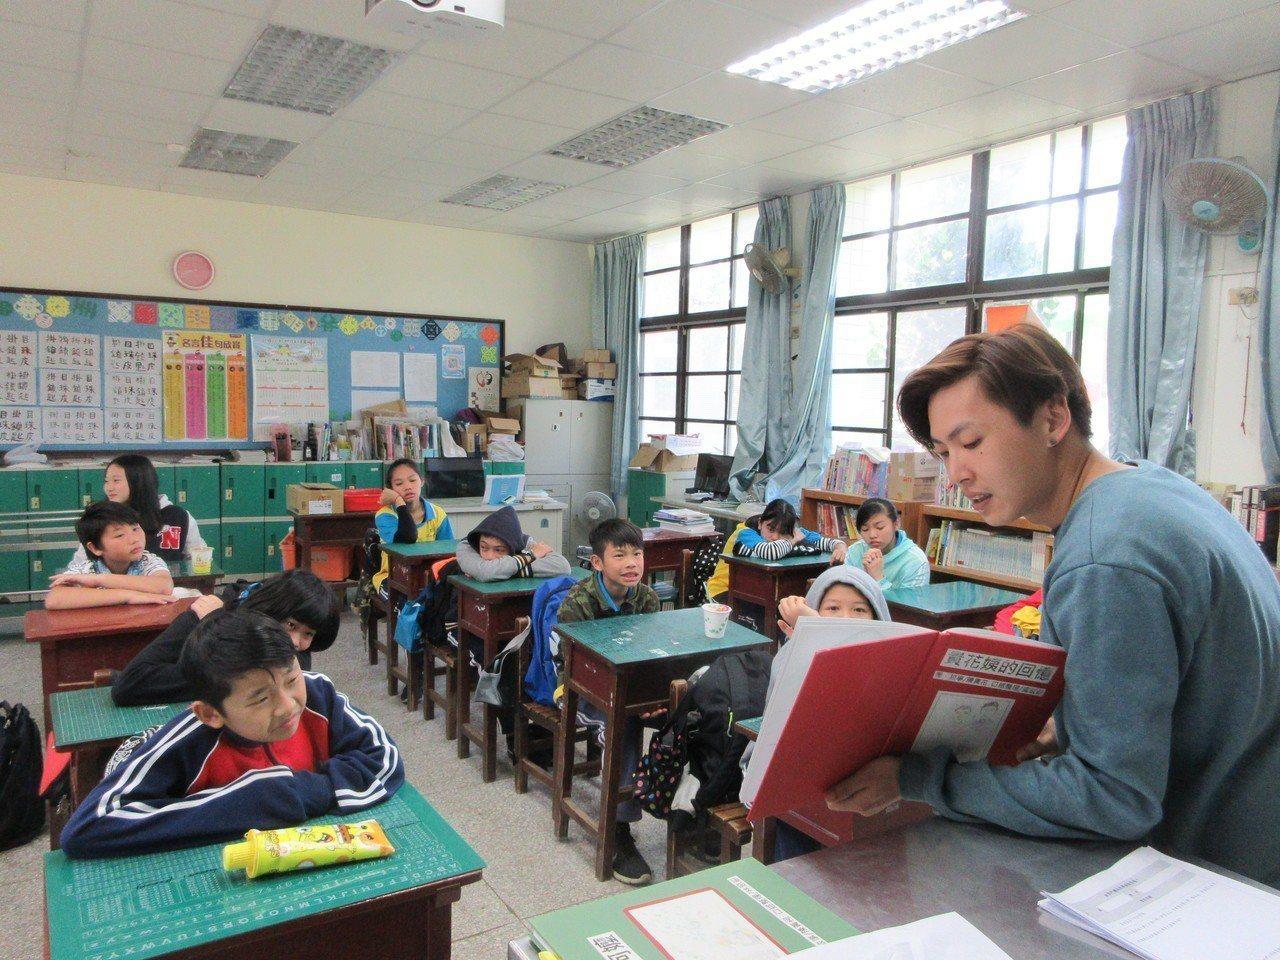 牛犁協會將資源挹注到孩子的教育系統之中。豐山國小授課情形。(作者提供)